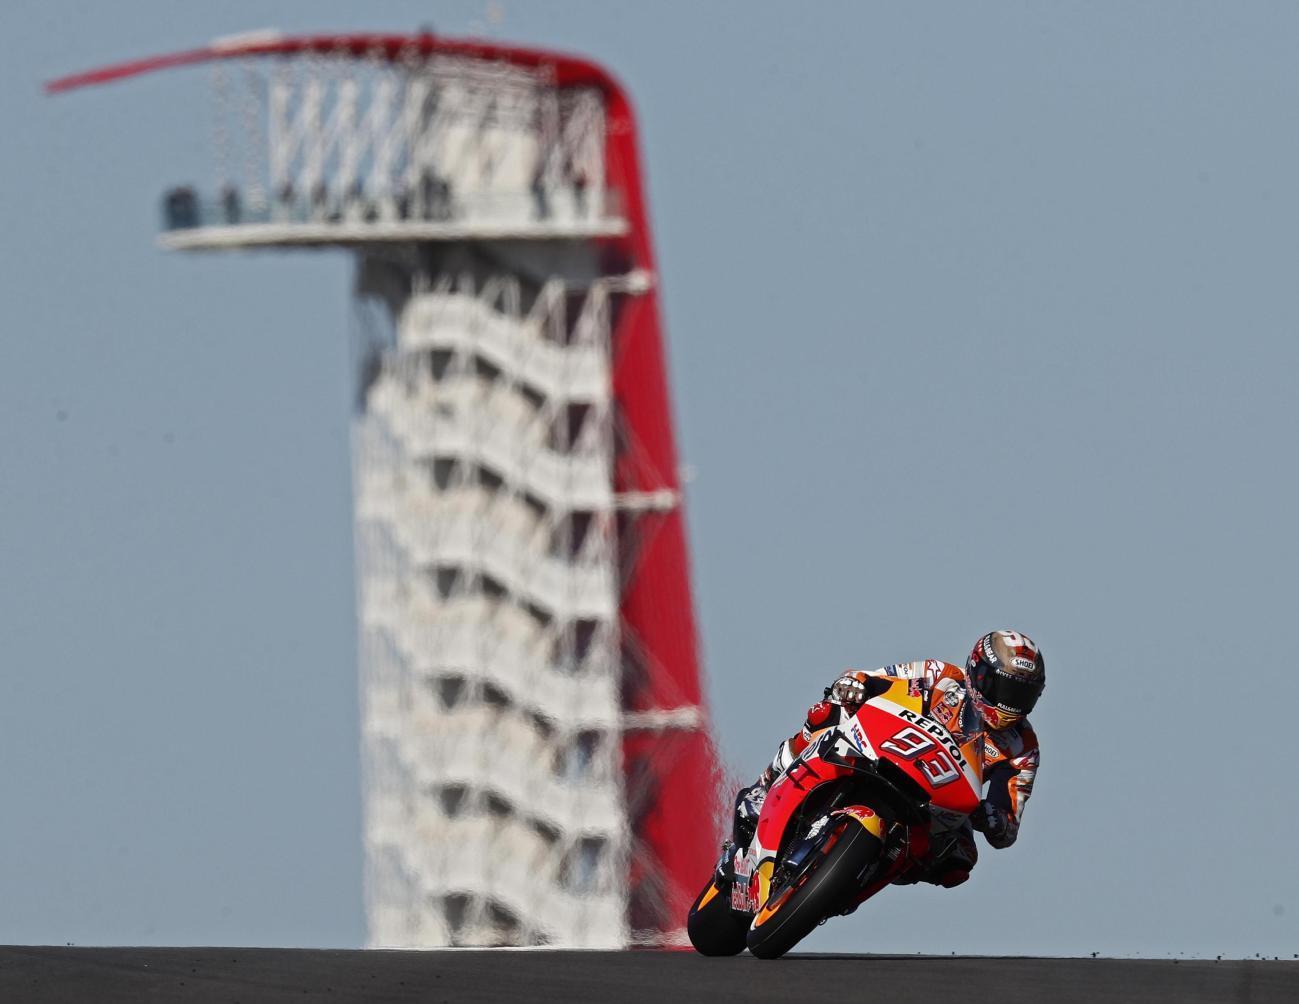 Lo spagnolo della Suzuki batte Rossi e raccoglie l'eredità di Marquez